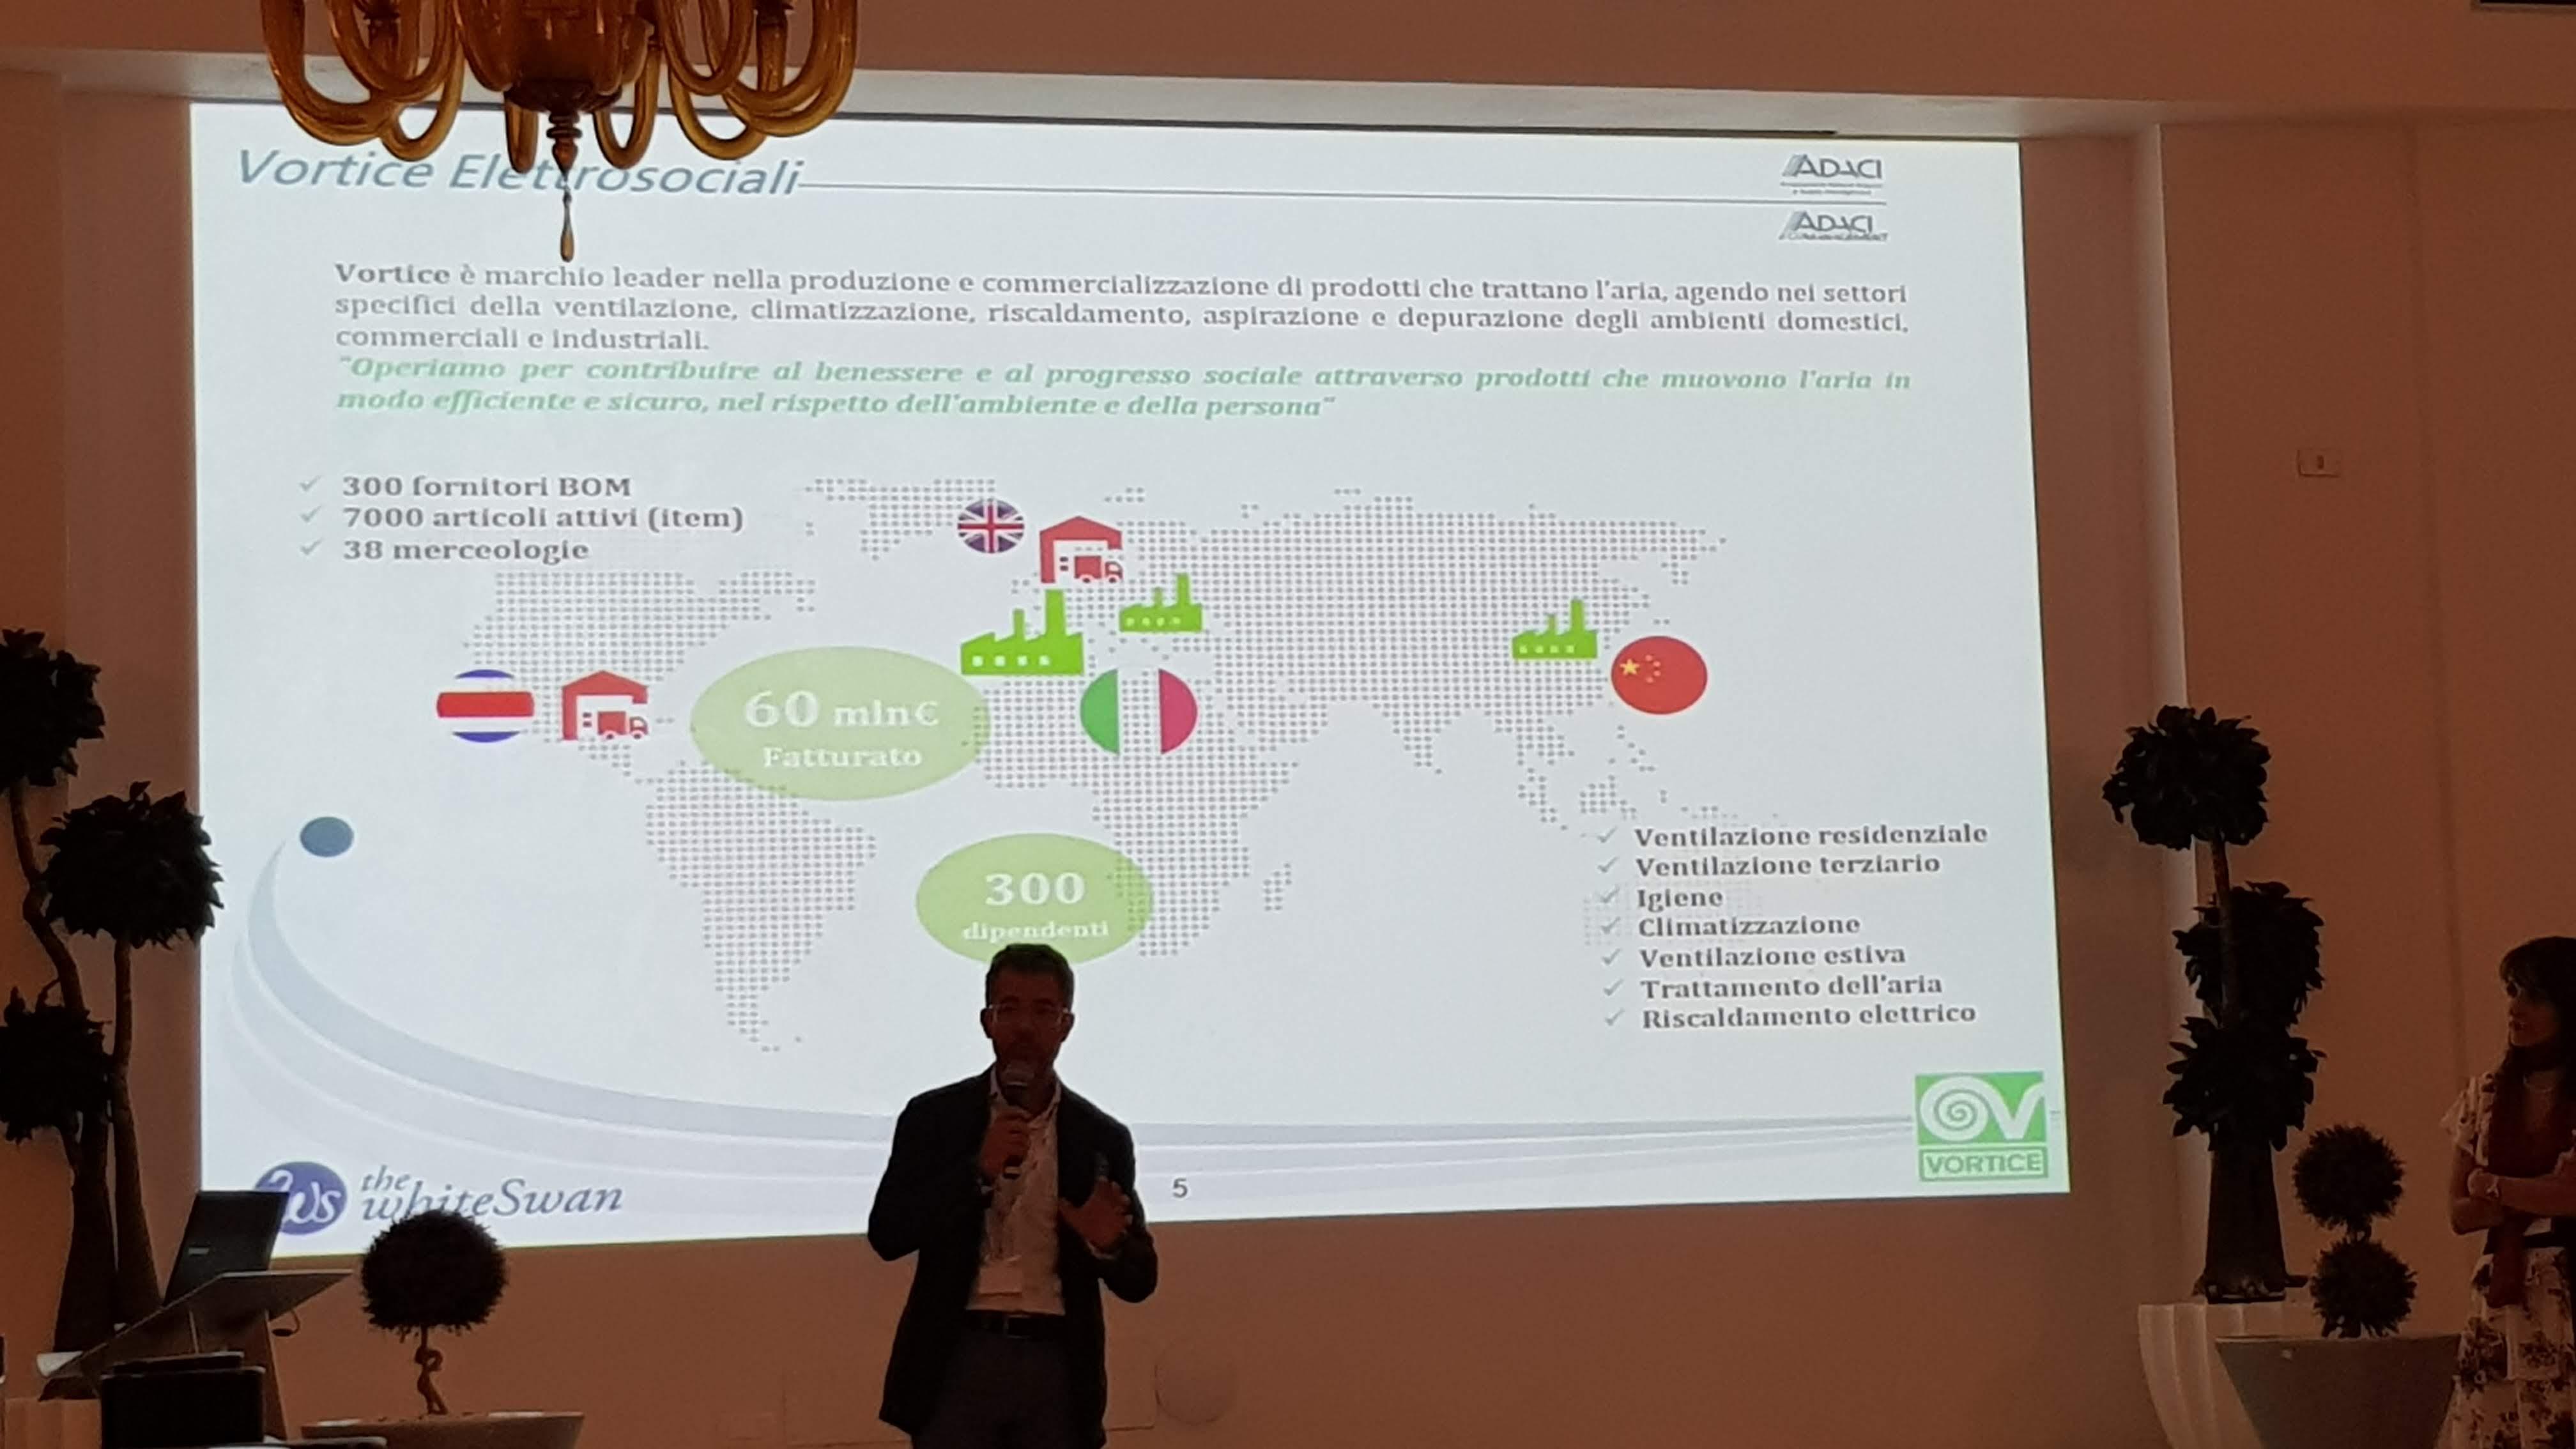 Claudio Bruggi: i risultati ottenuti dall'applicazione sui fornitori di Vortice